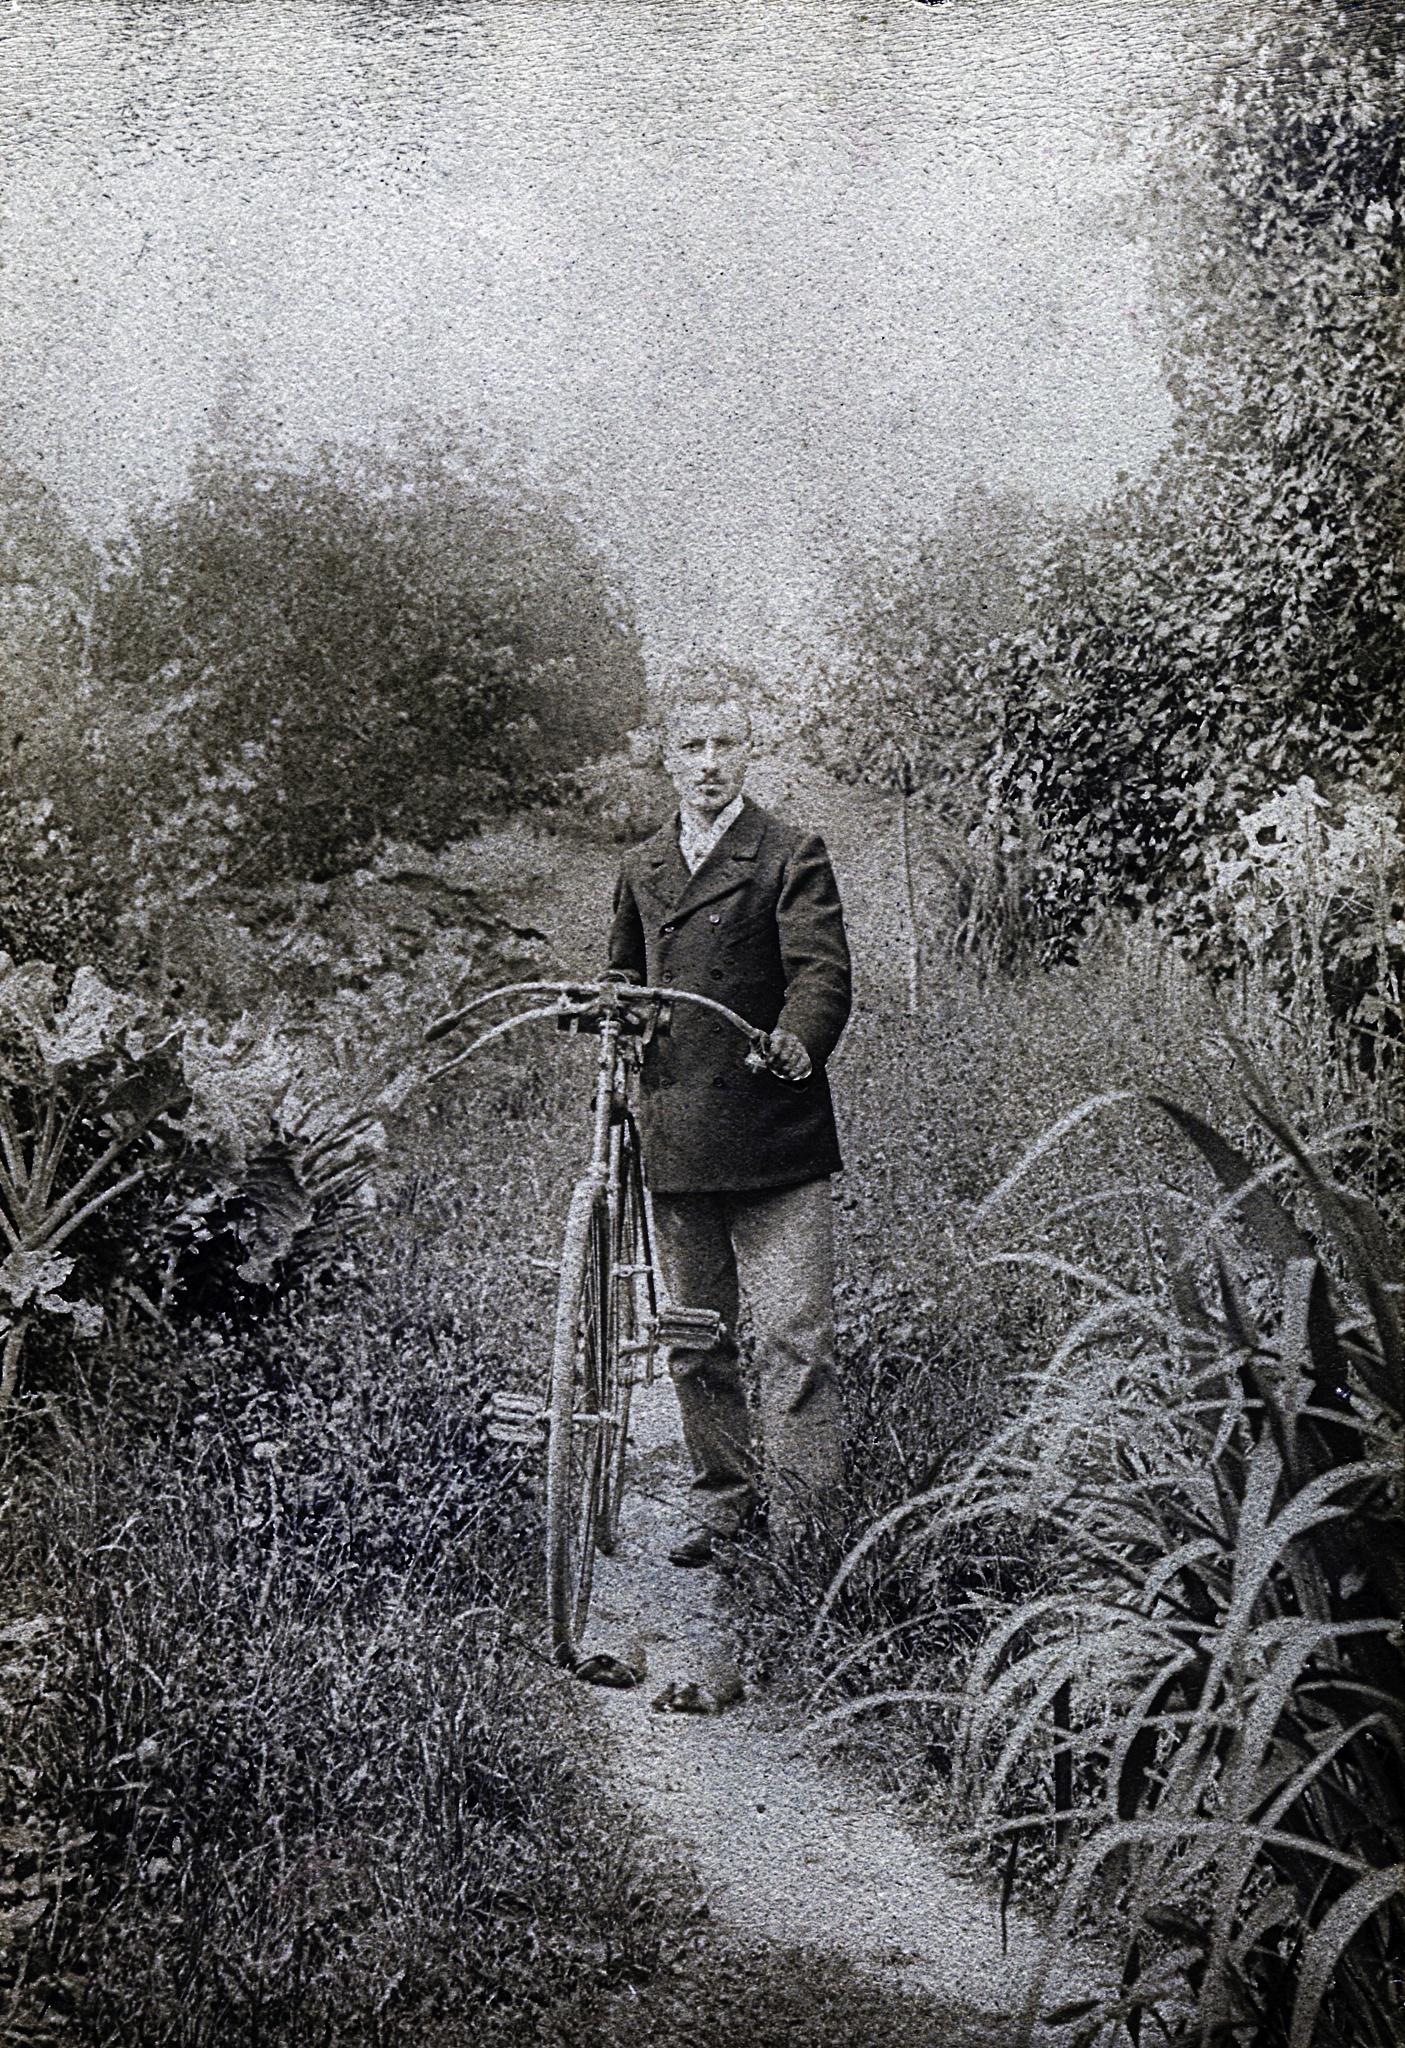 Vintage bicycle, ca 1900 by Martine de Lajudie